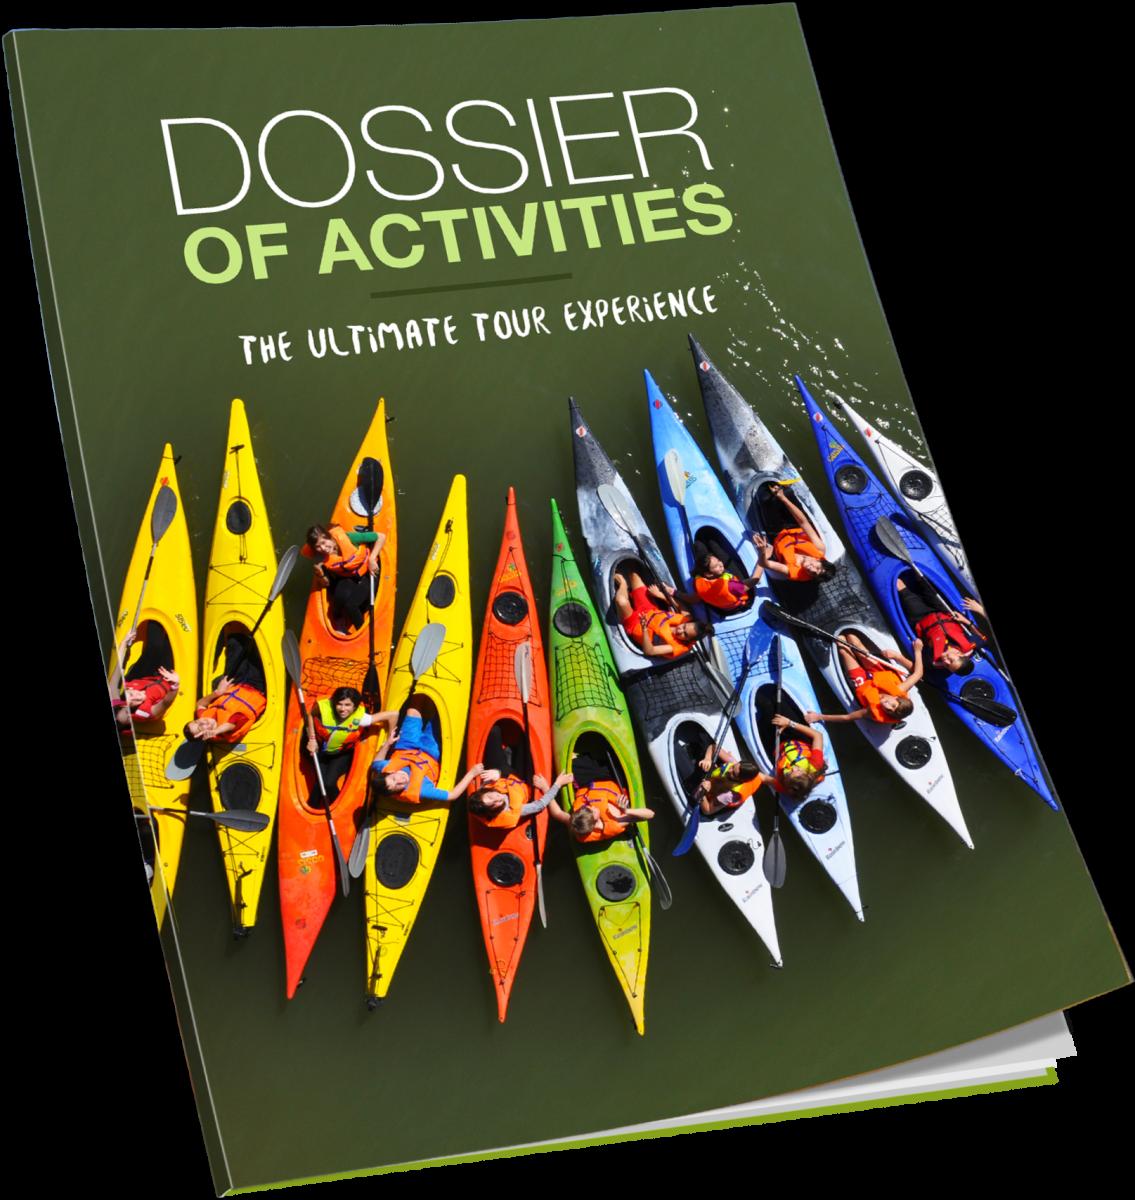 Dossier activities